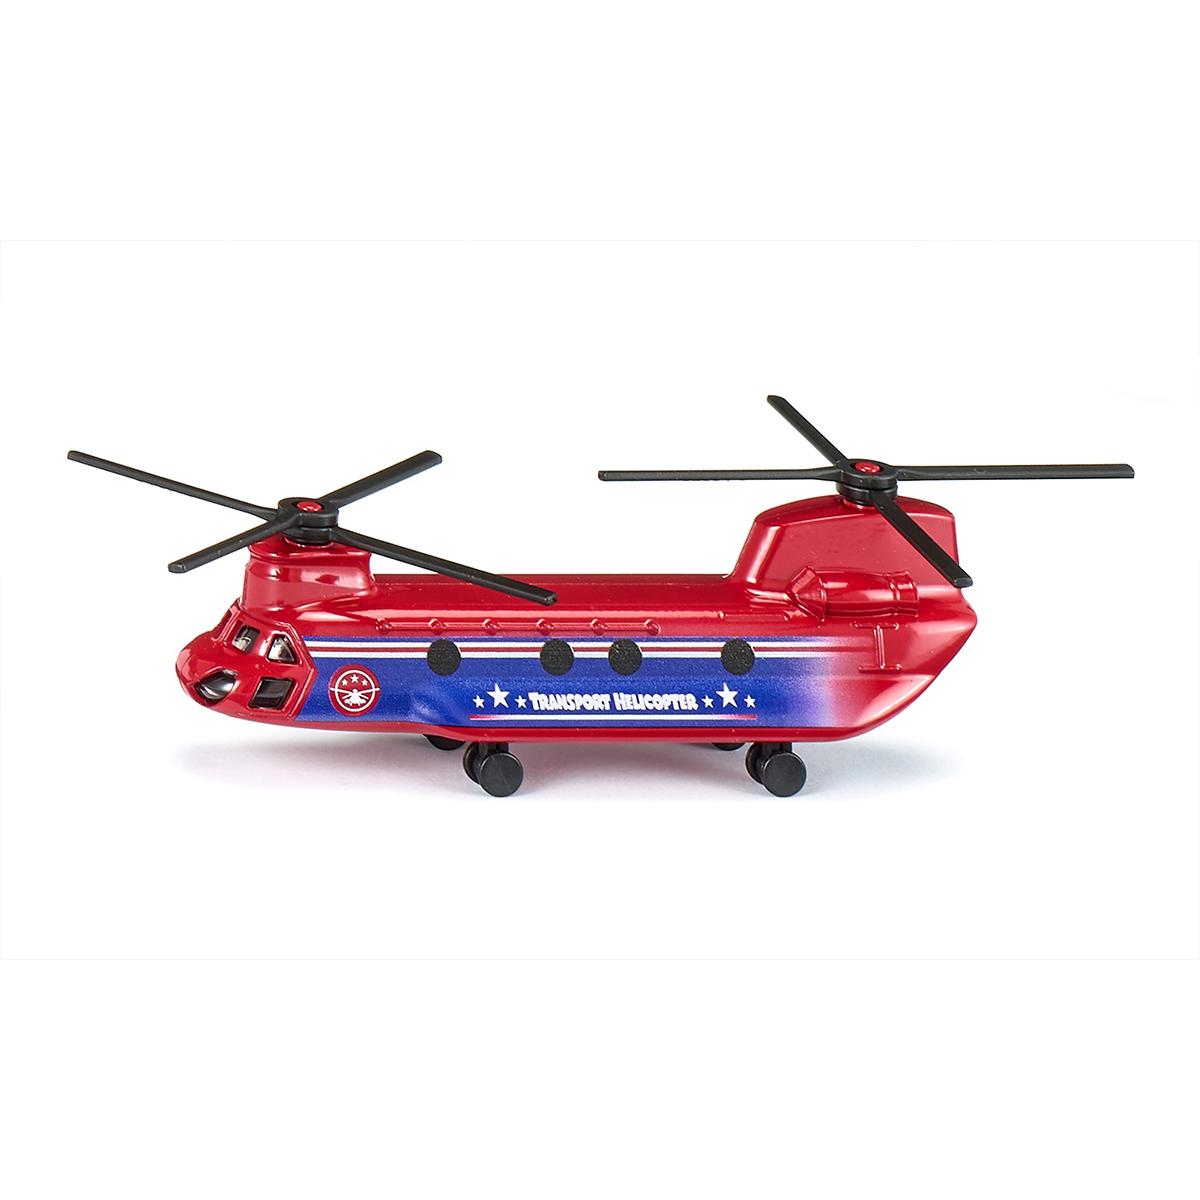 輸送用ヘリコプター (ジク・SIKU)